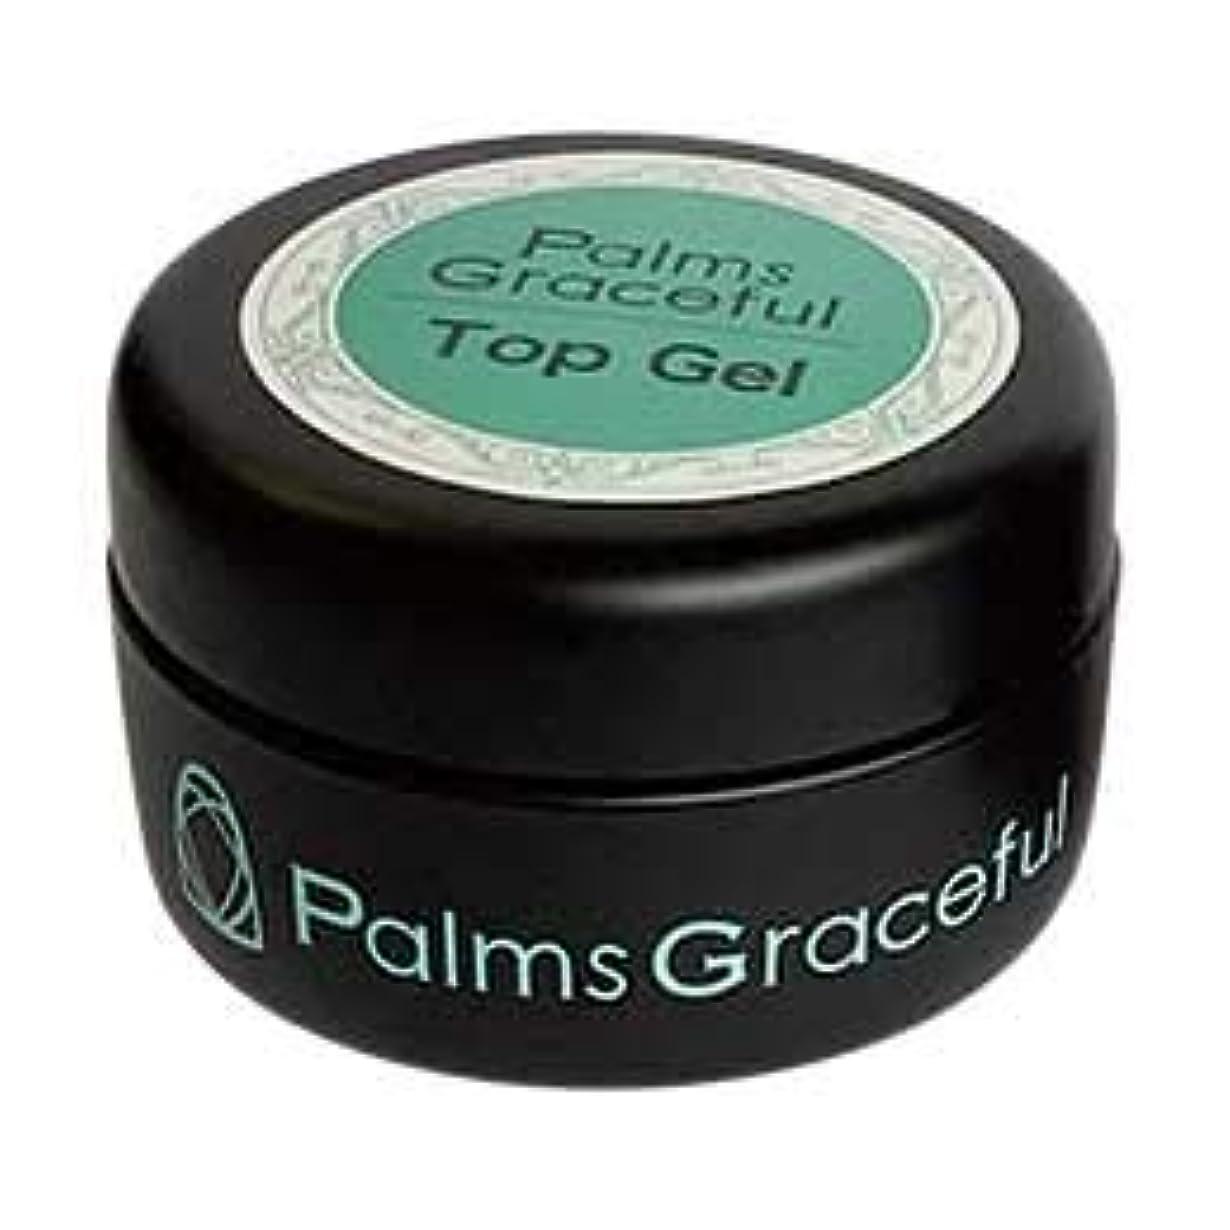 動く特異性動詞Palms Graceful トップジェル 25g